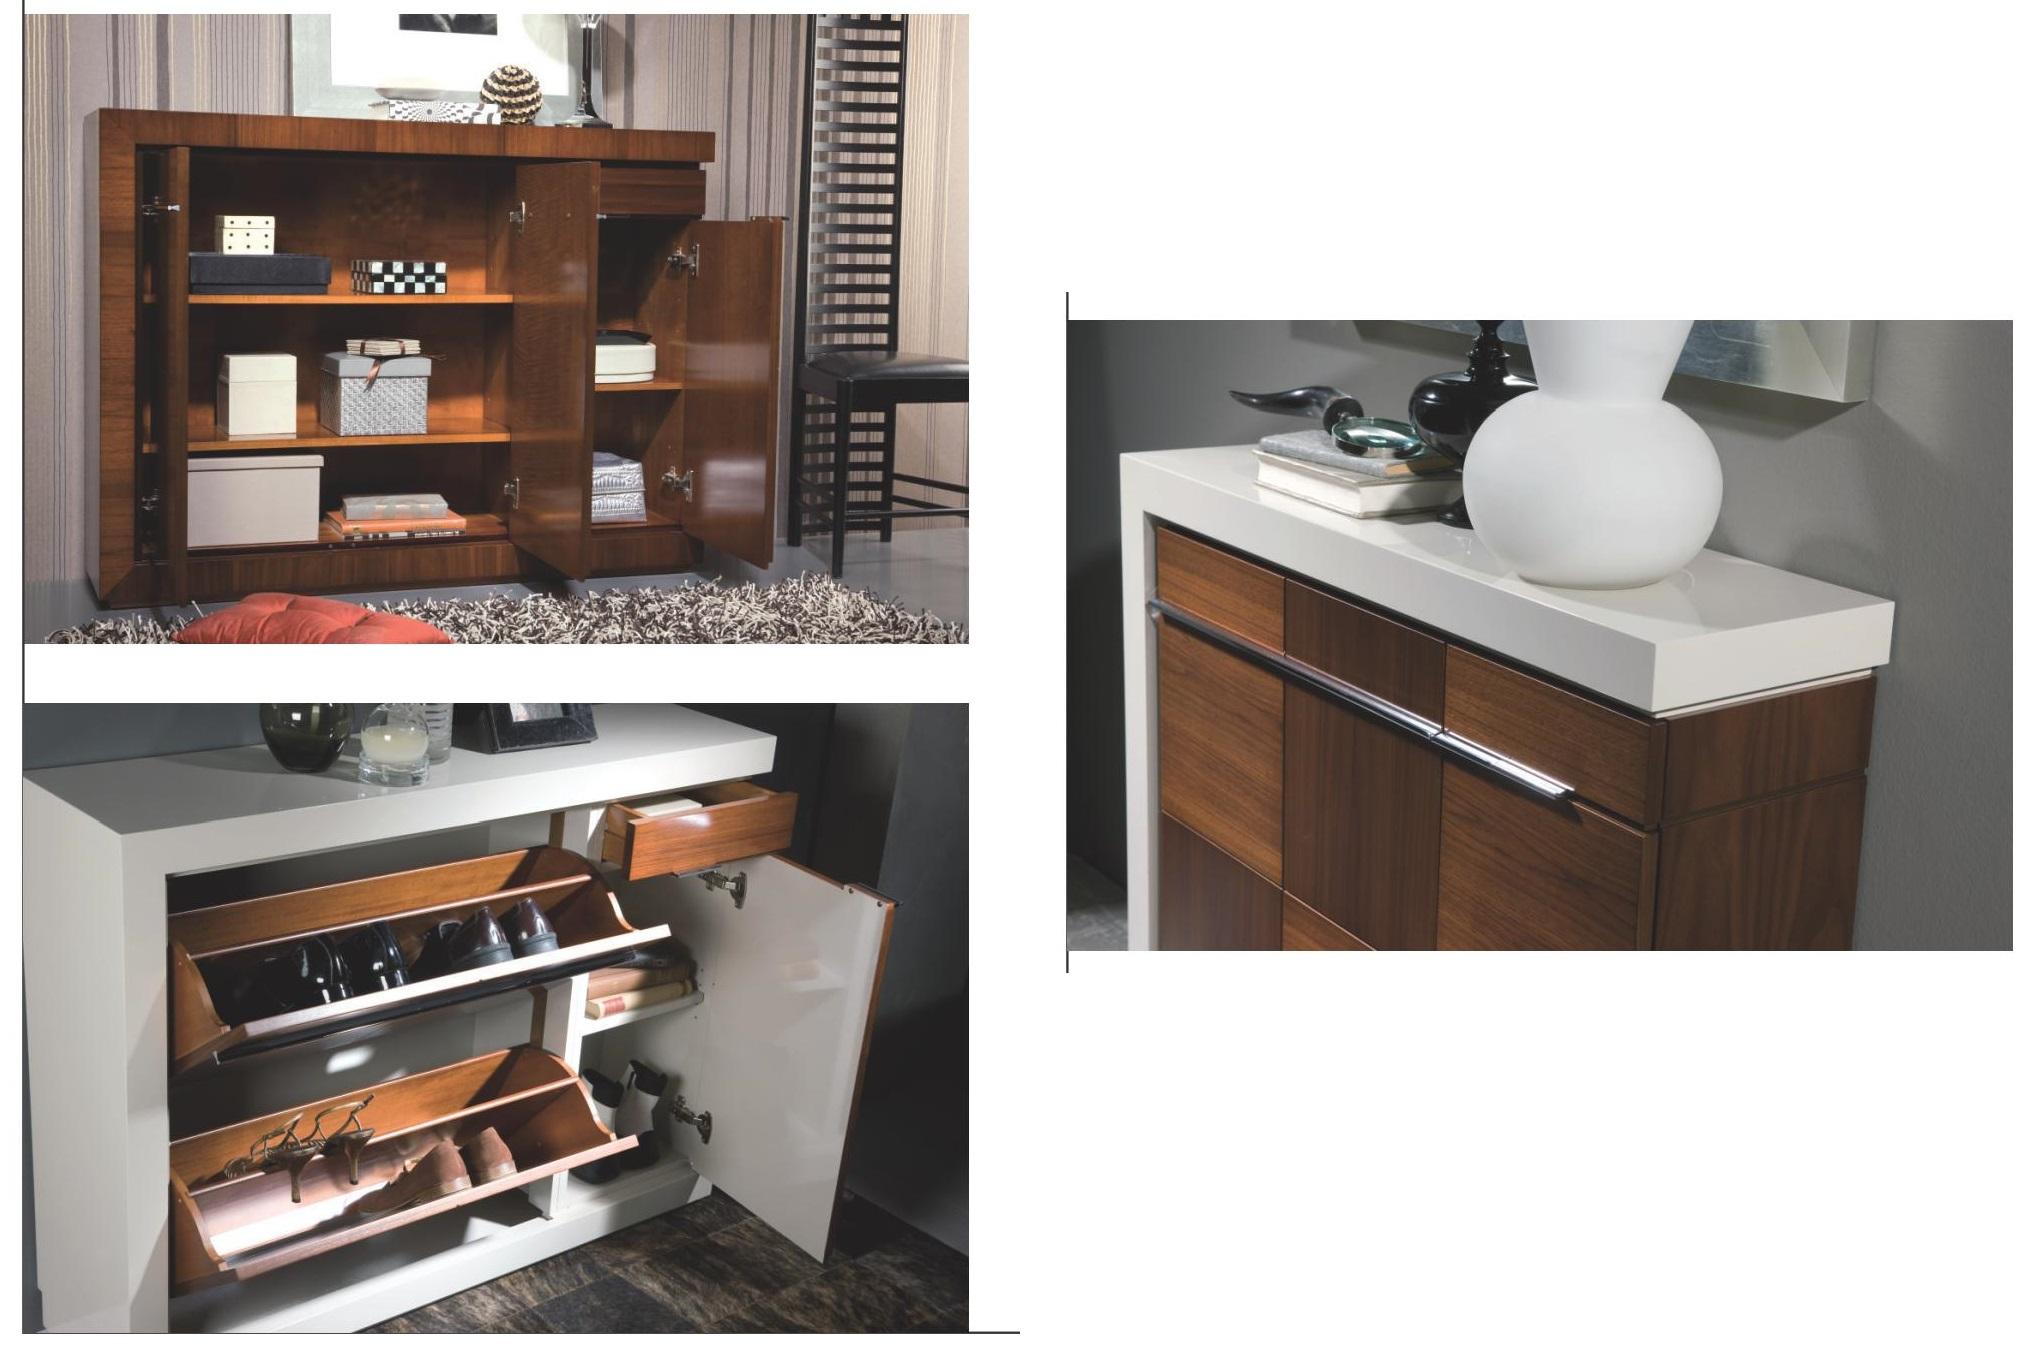 Mueble zapatero recibidor clasico colonial madera dise o for Clasicos del diseno muebles